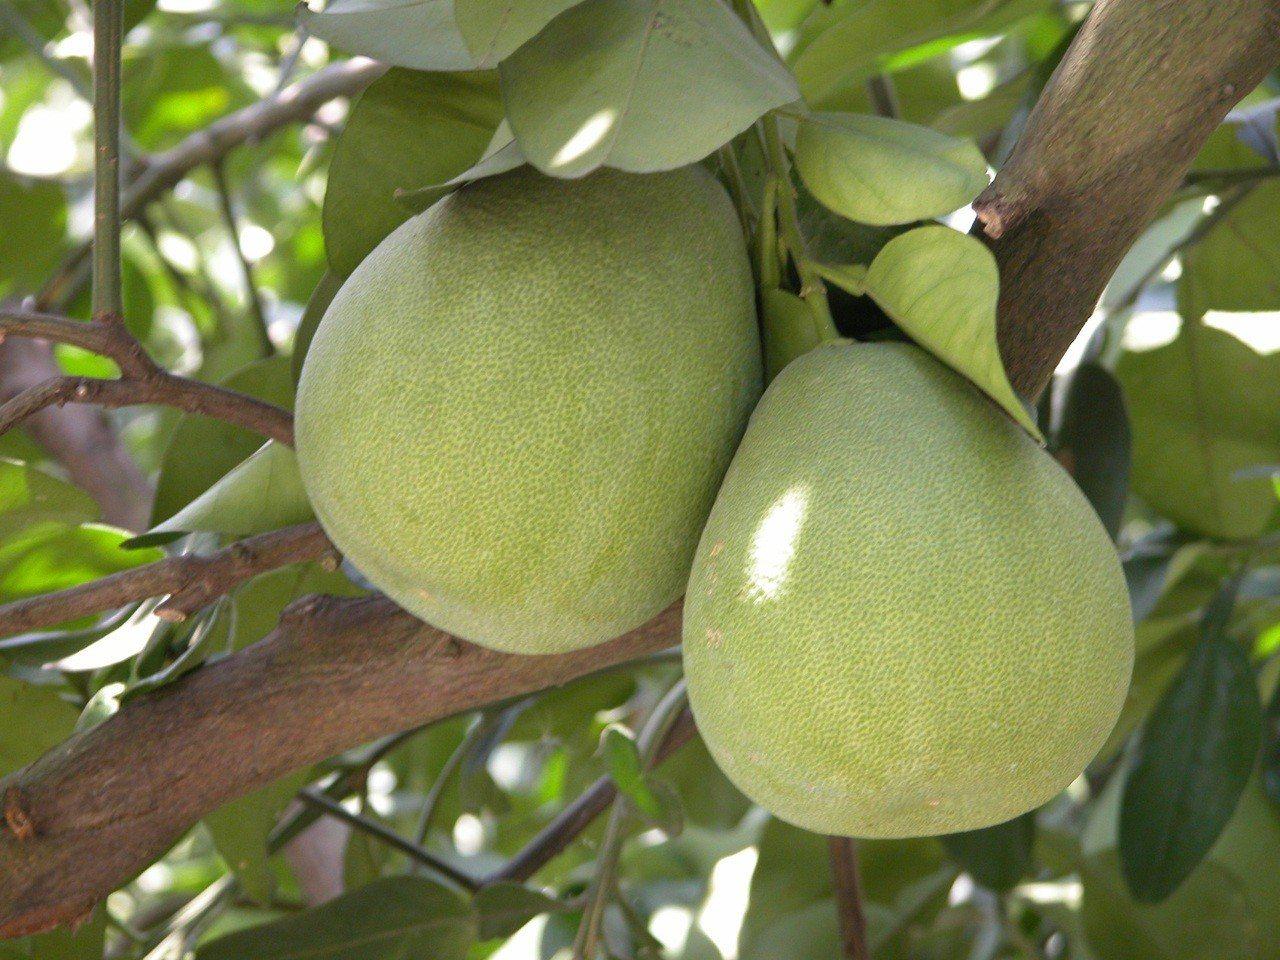 今年花蓮日照充足,文旦柚鮮甜又多汁。圖/花蓮農改場提供